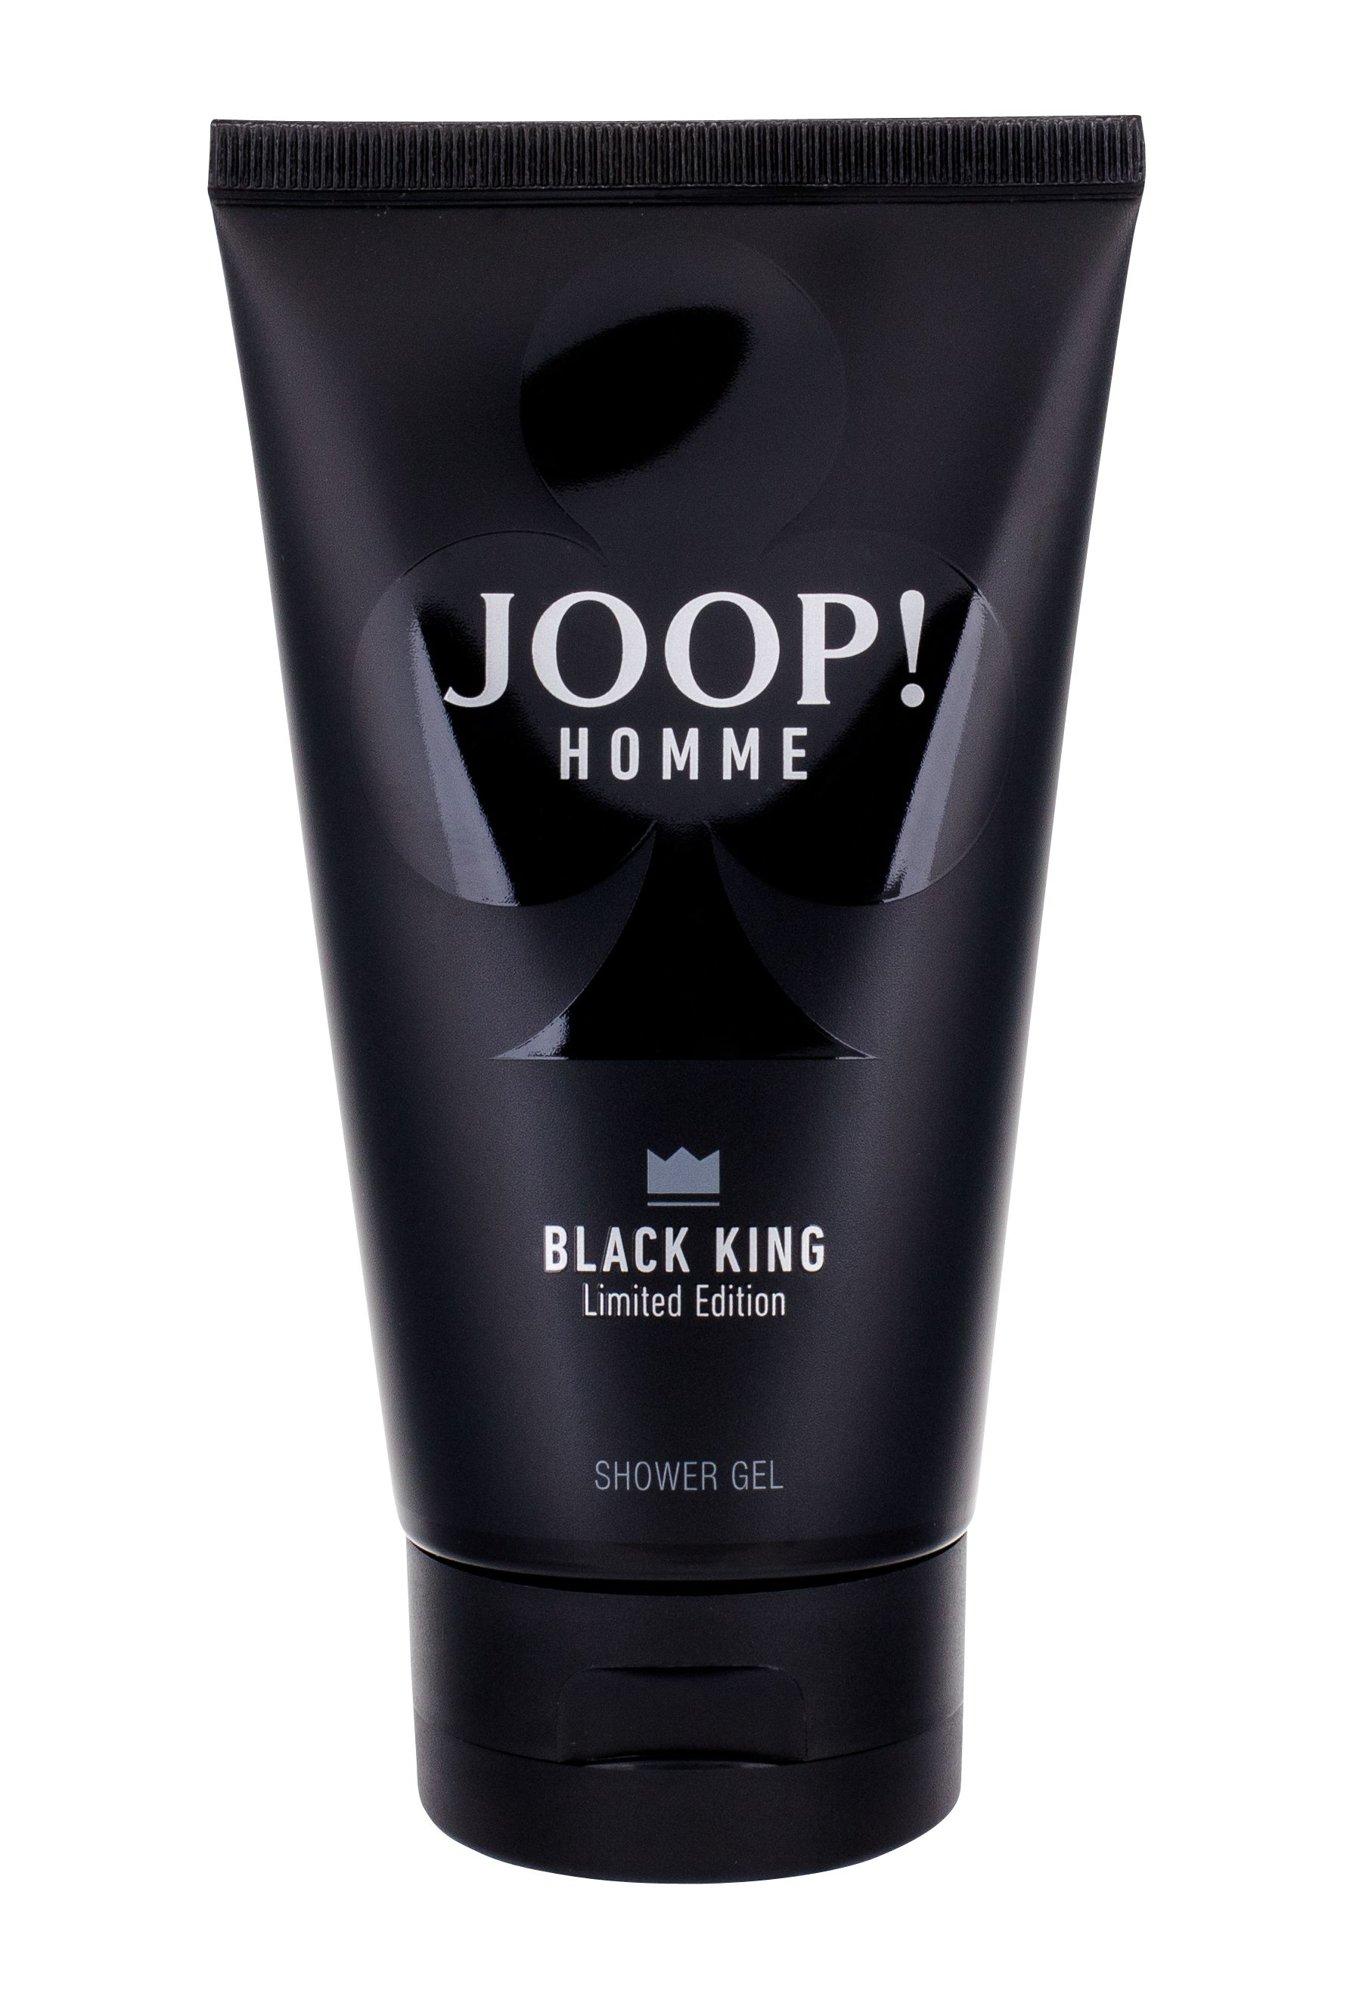 JOOP! Homme Black King Shower gel 150ml